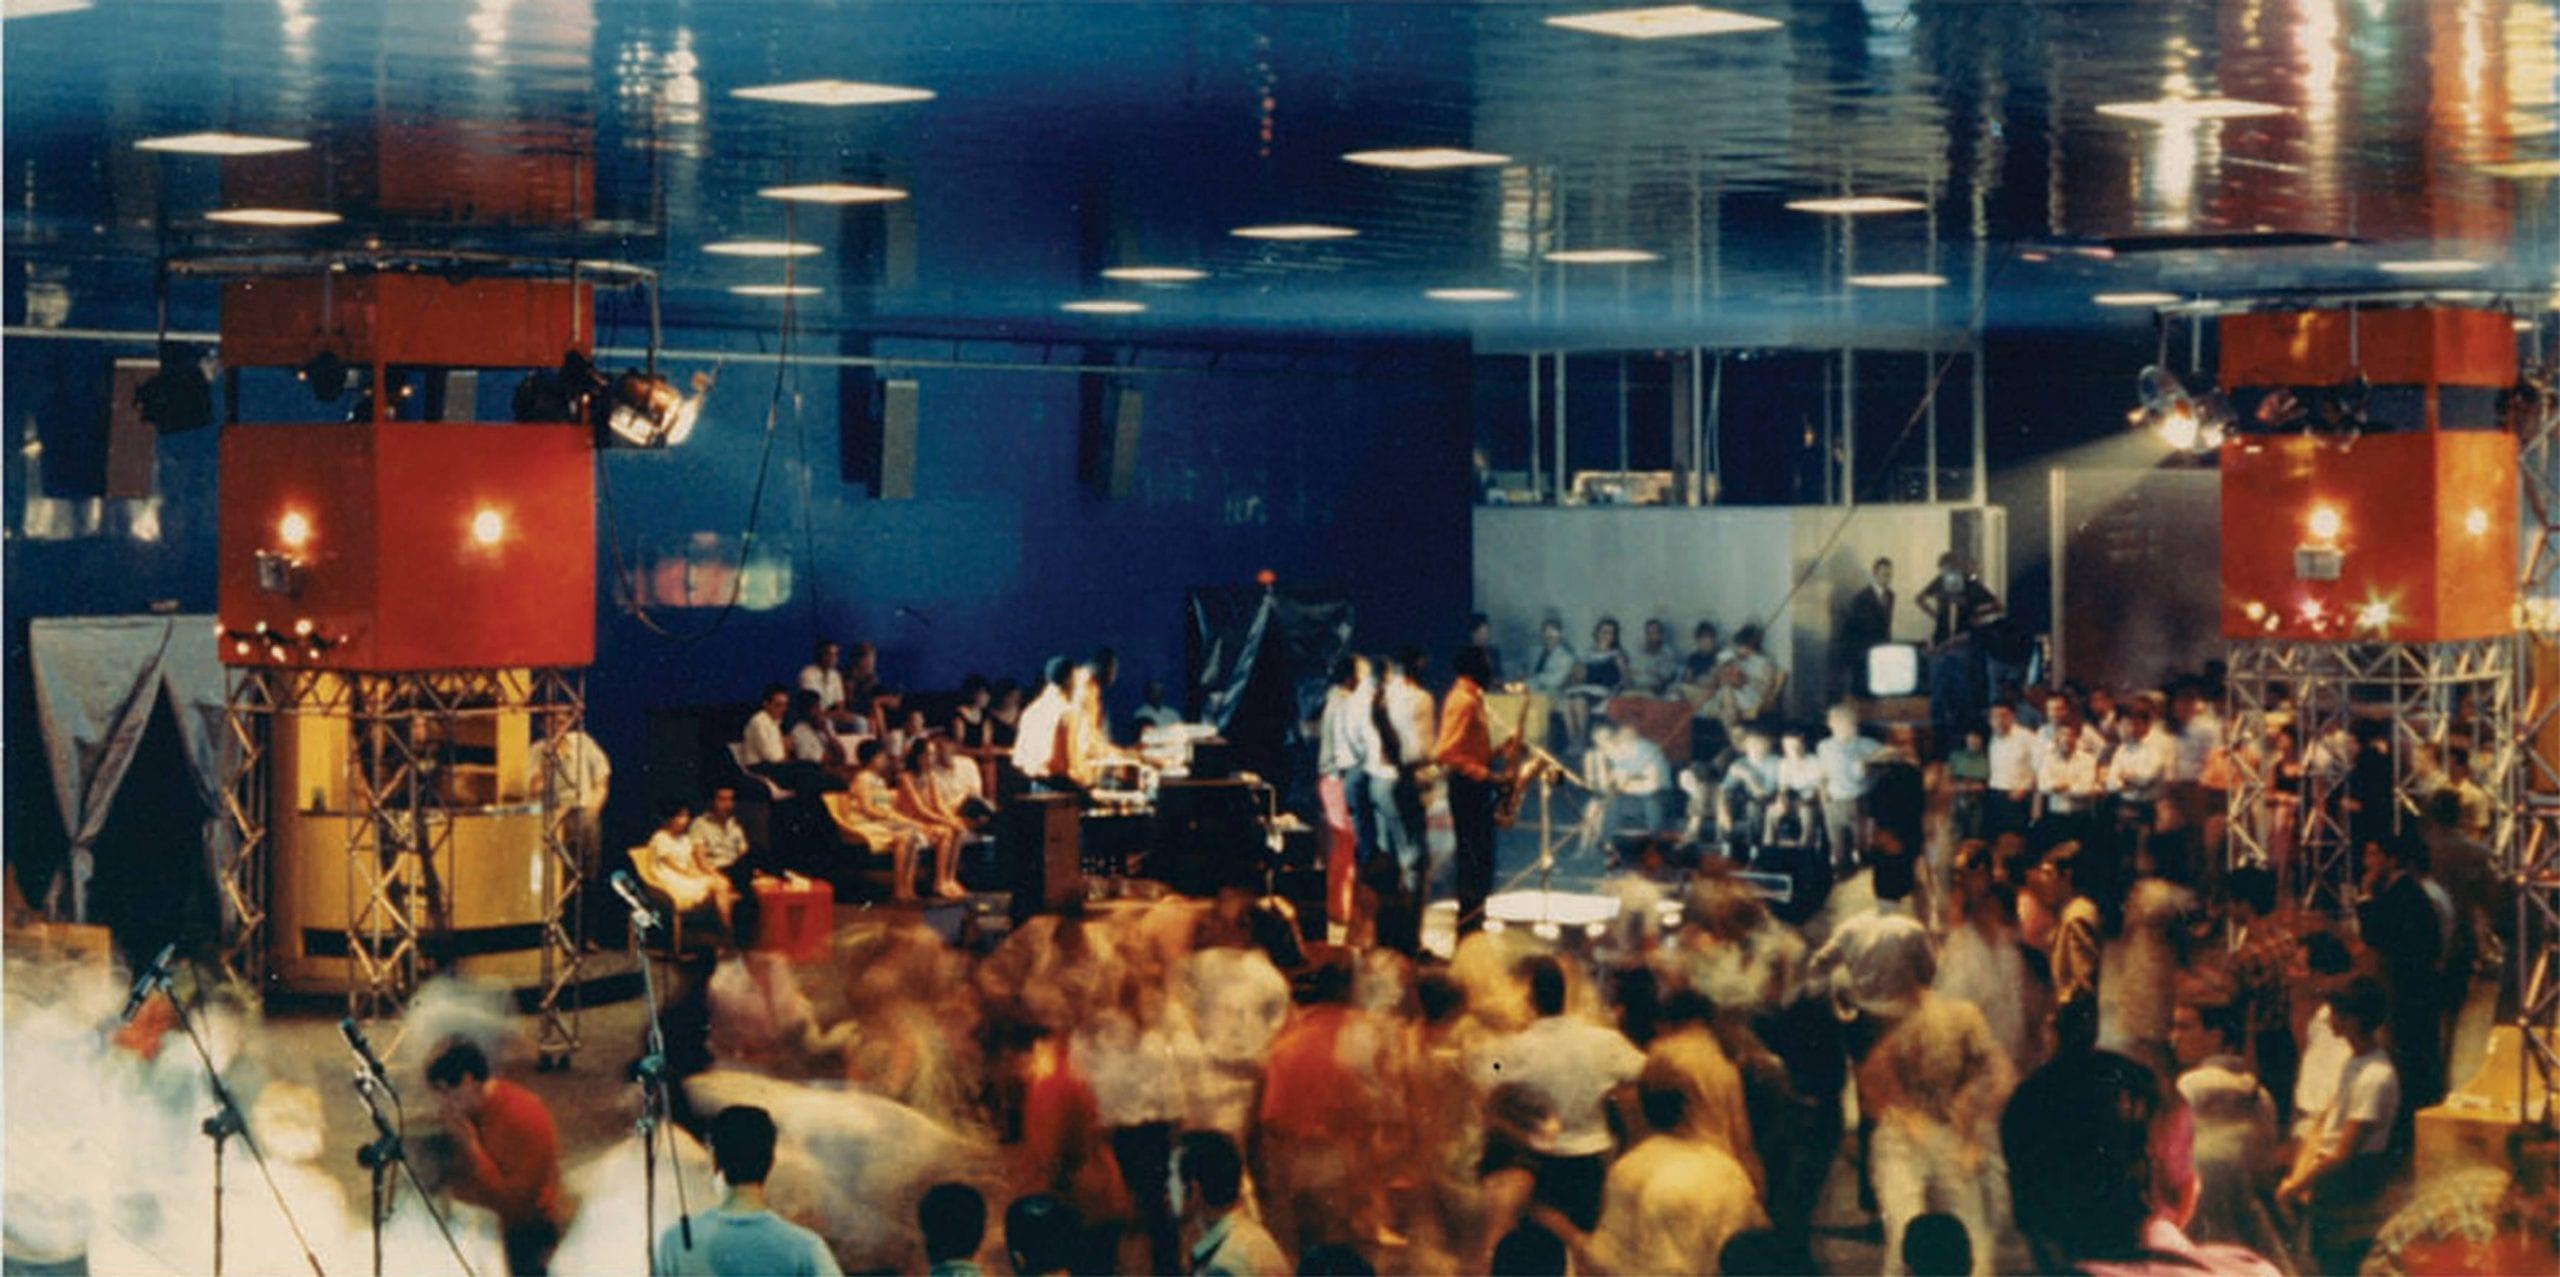 Live music inside L'Altro Mondo, Rimini, 1967. © Pietro Derossi